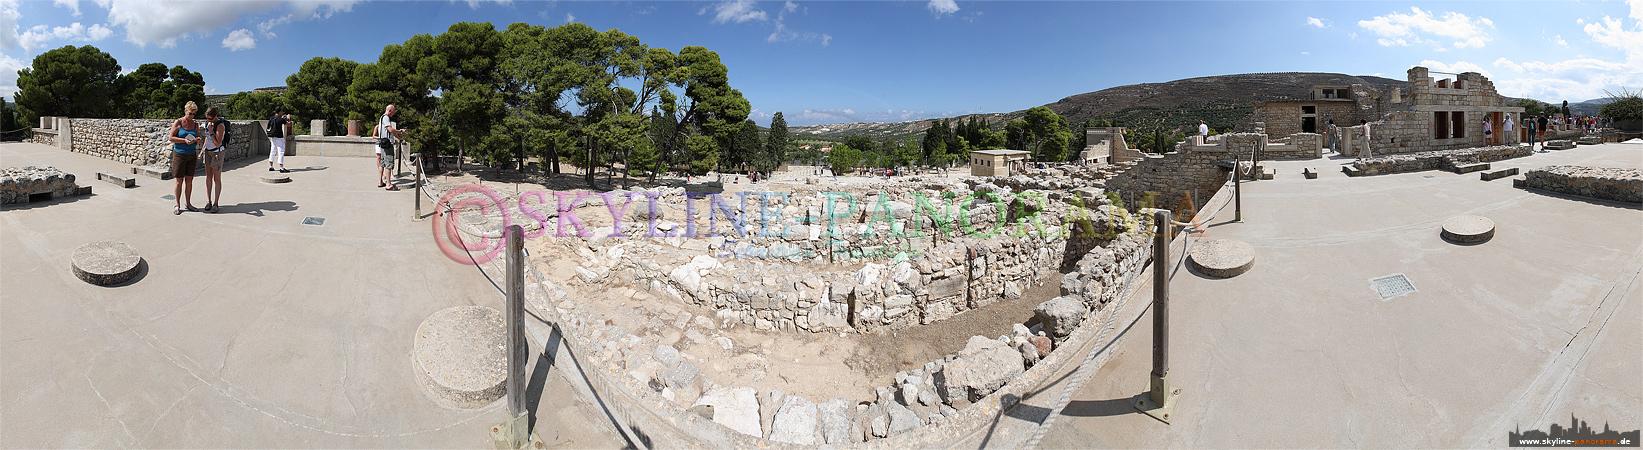 Ausgrabungsstätte Knossos - Mauerreste und wiederaufgebaute Fundamente des Palastes der Minoer auf Kreta.